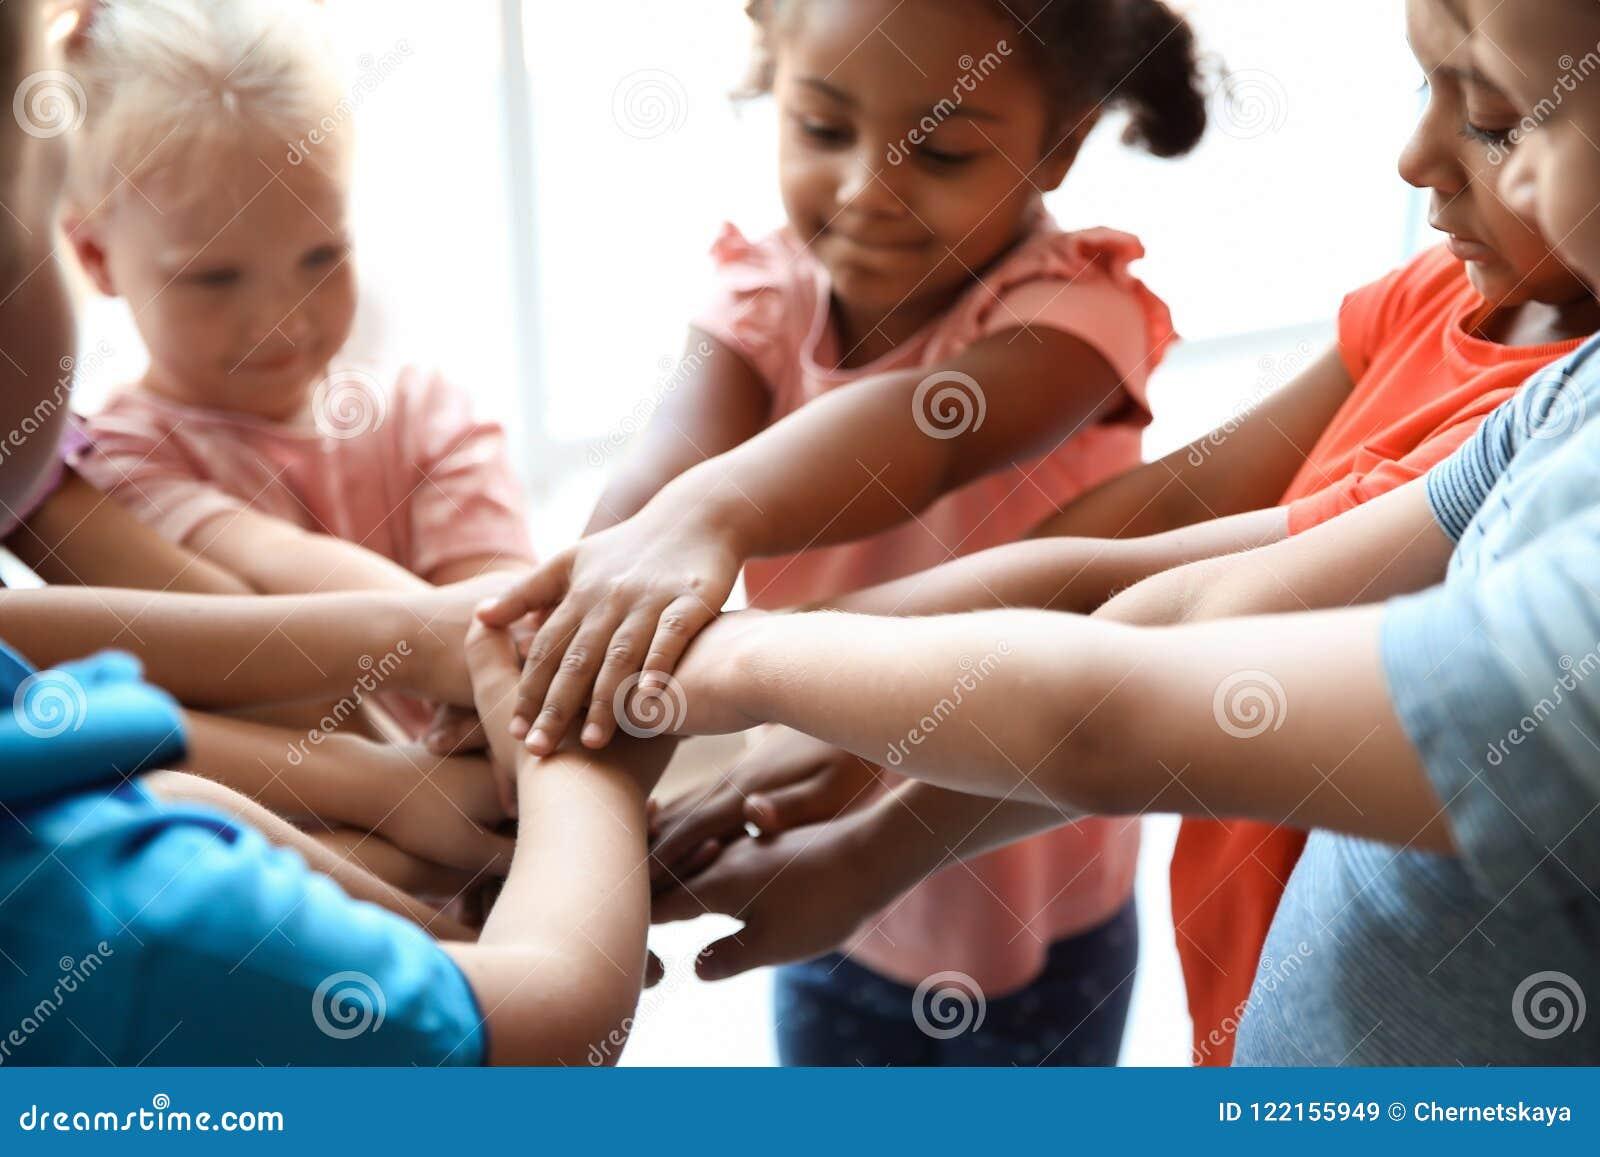 Små barn som tillsammans sätter deras händer, closeup